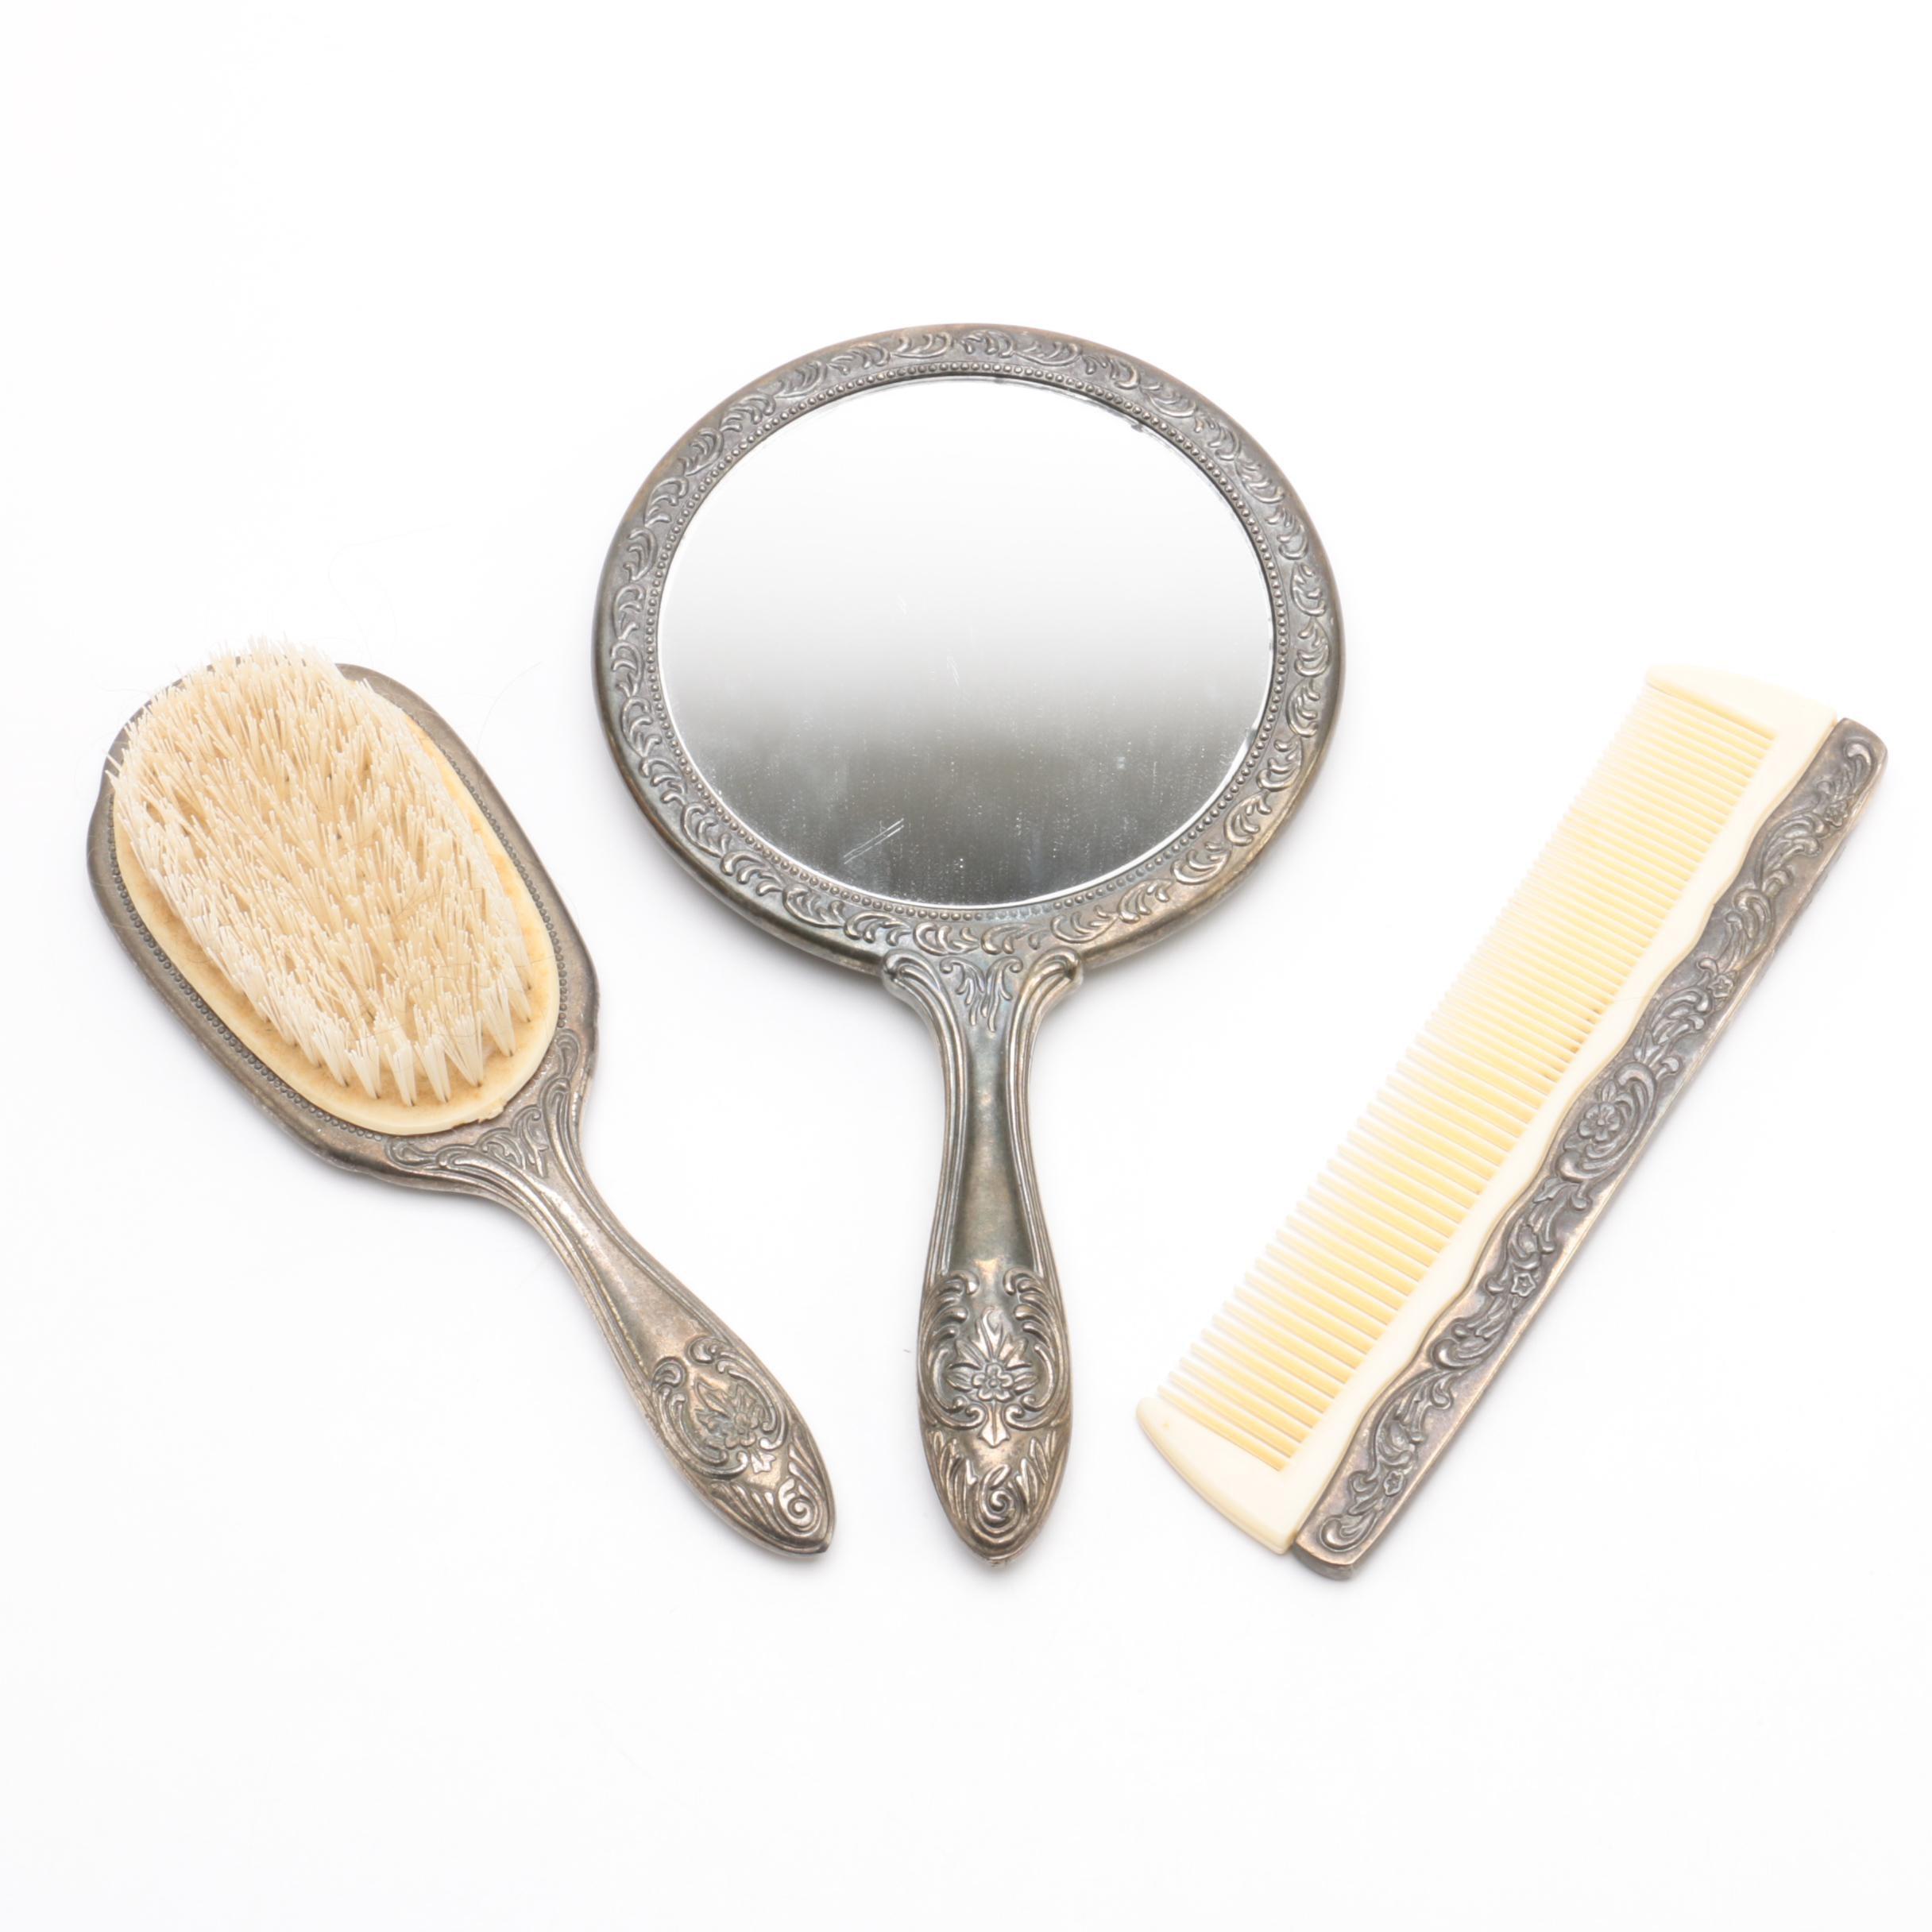 Foliate Embellished Silver-Plated Vanity Set ...  sc 1 st  EBTH.com & Foliate Embellished Silver-Plated Vanity Set : EBTH